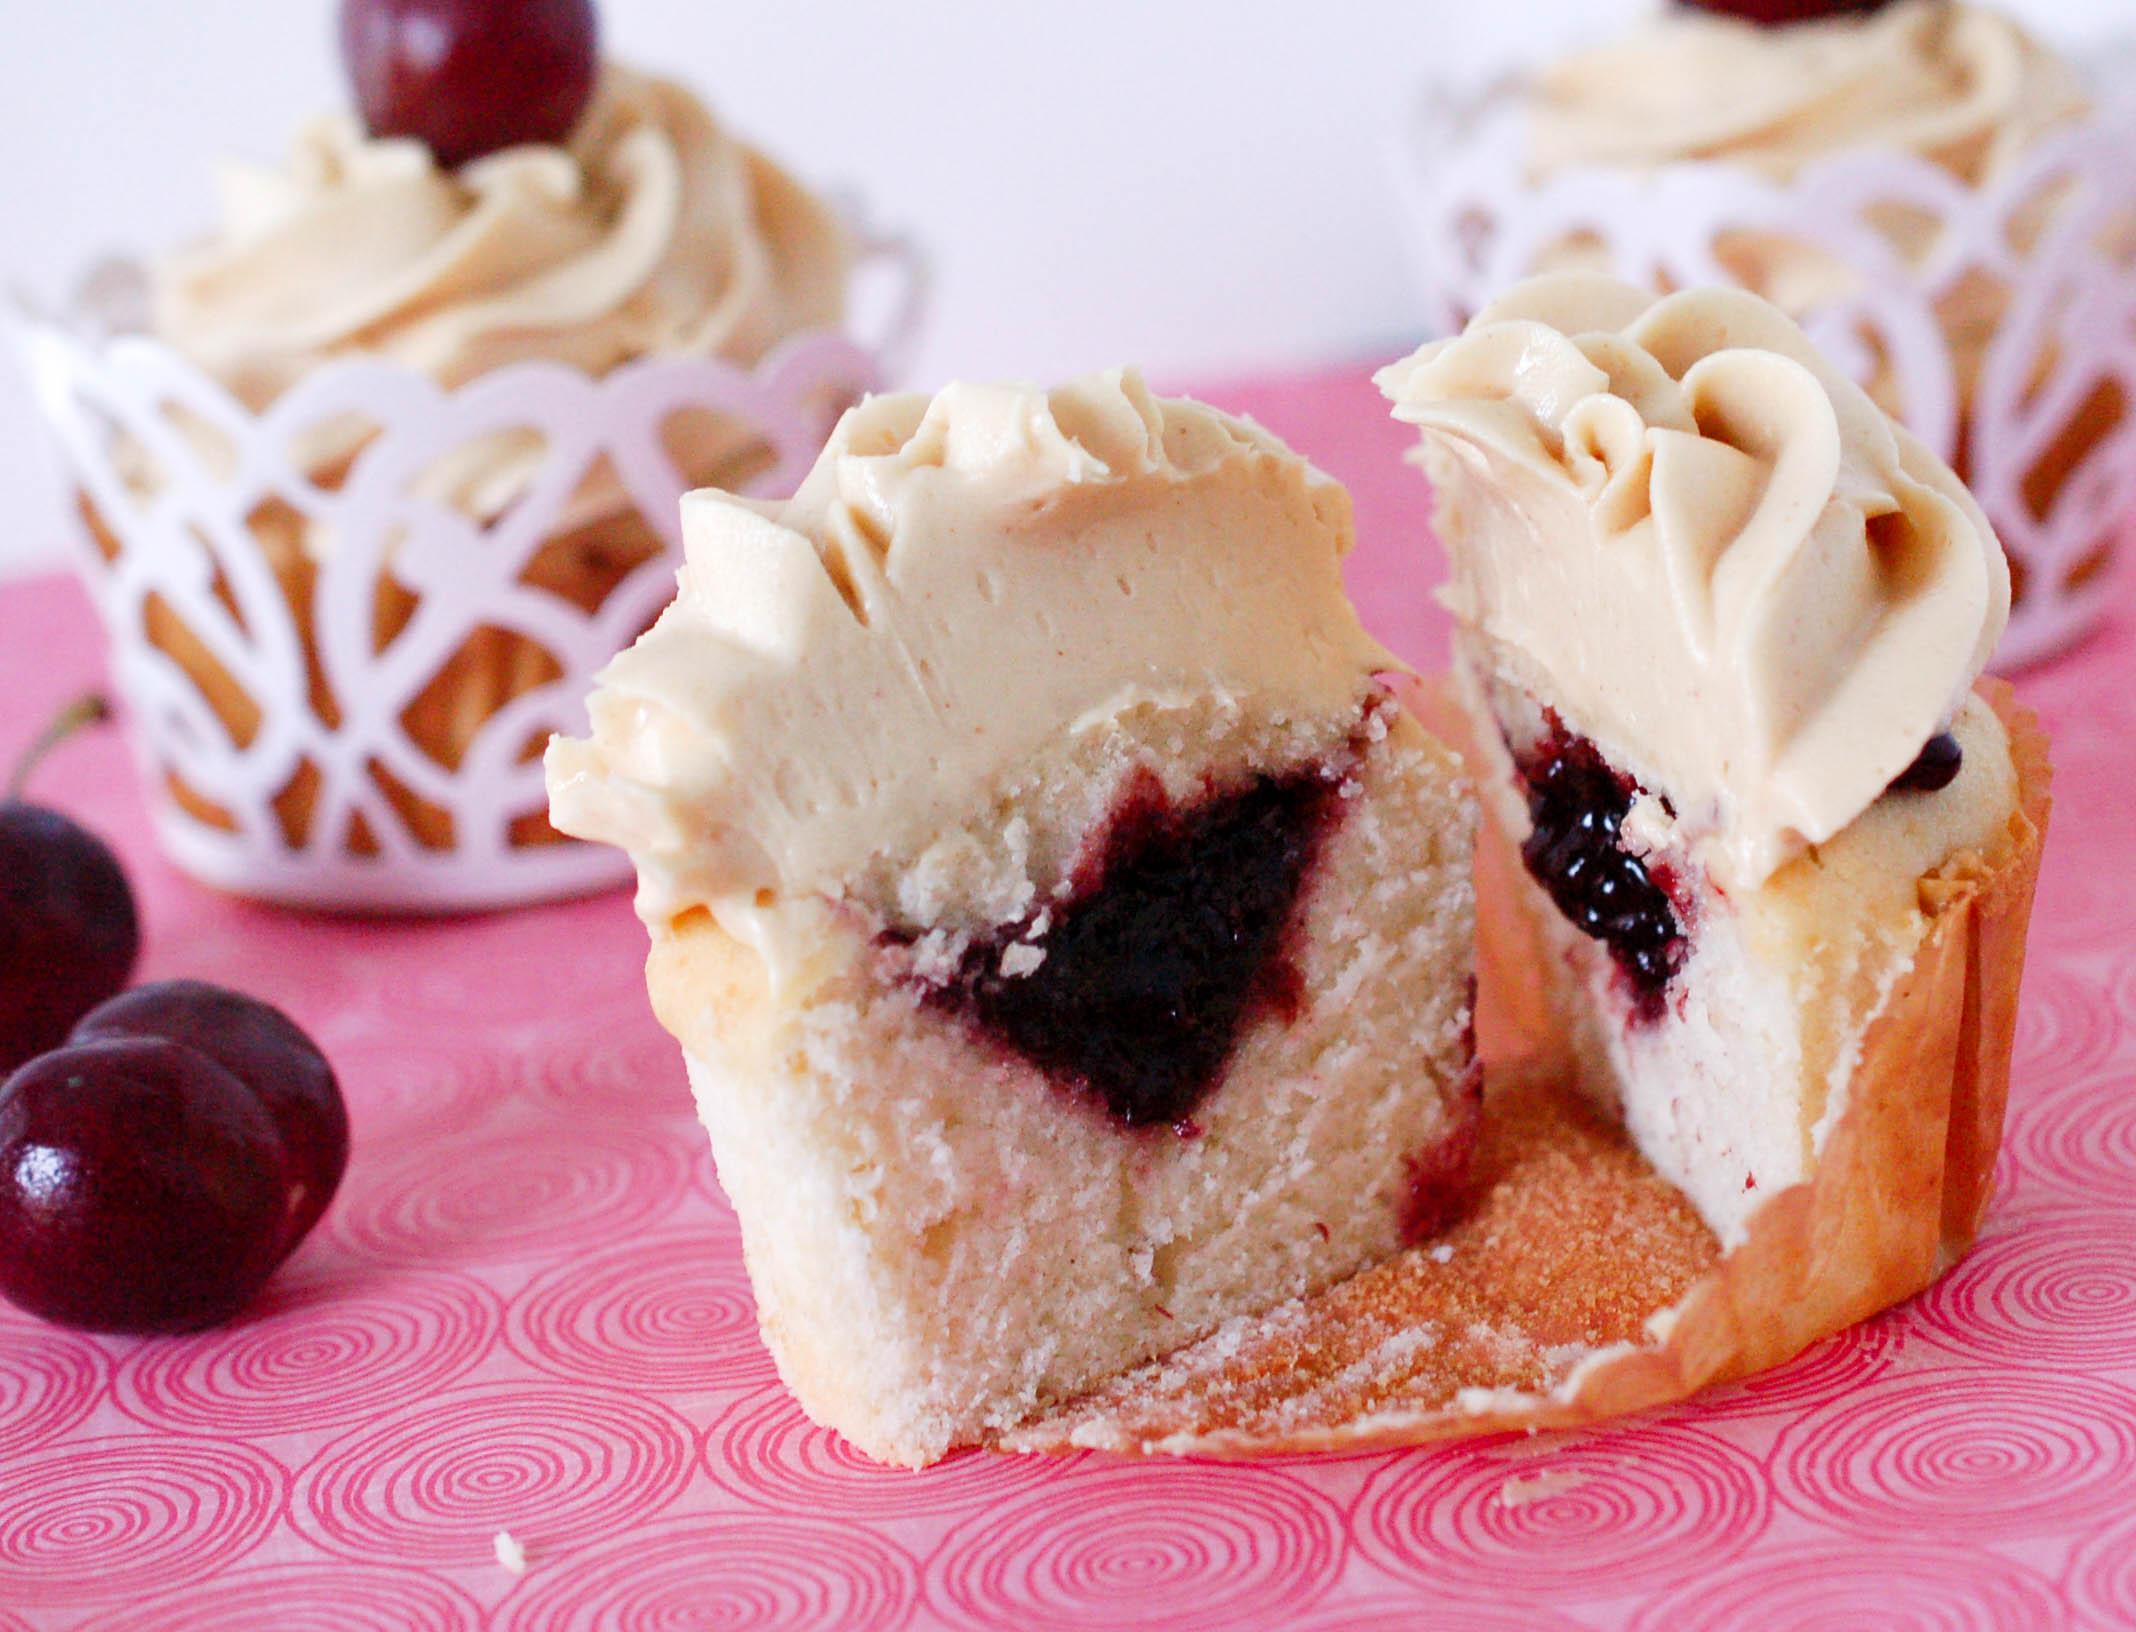 pb & j cupcakes5 (1 of 1).jpg